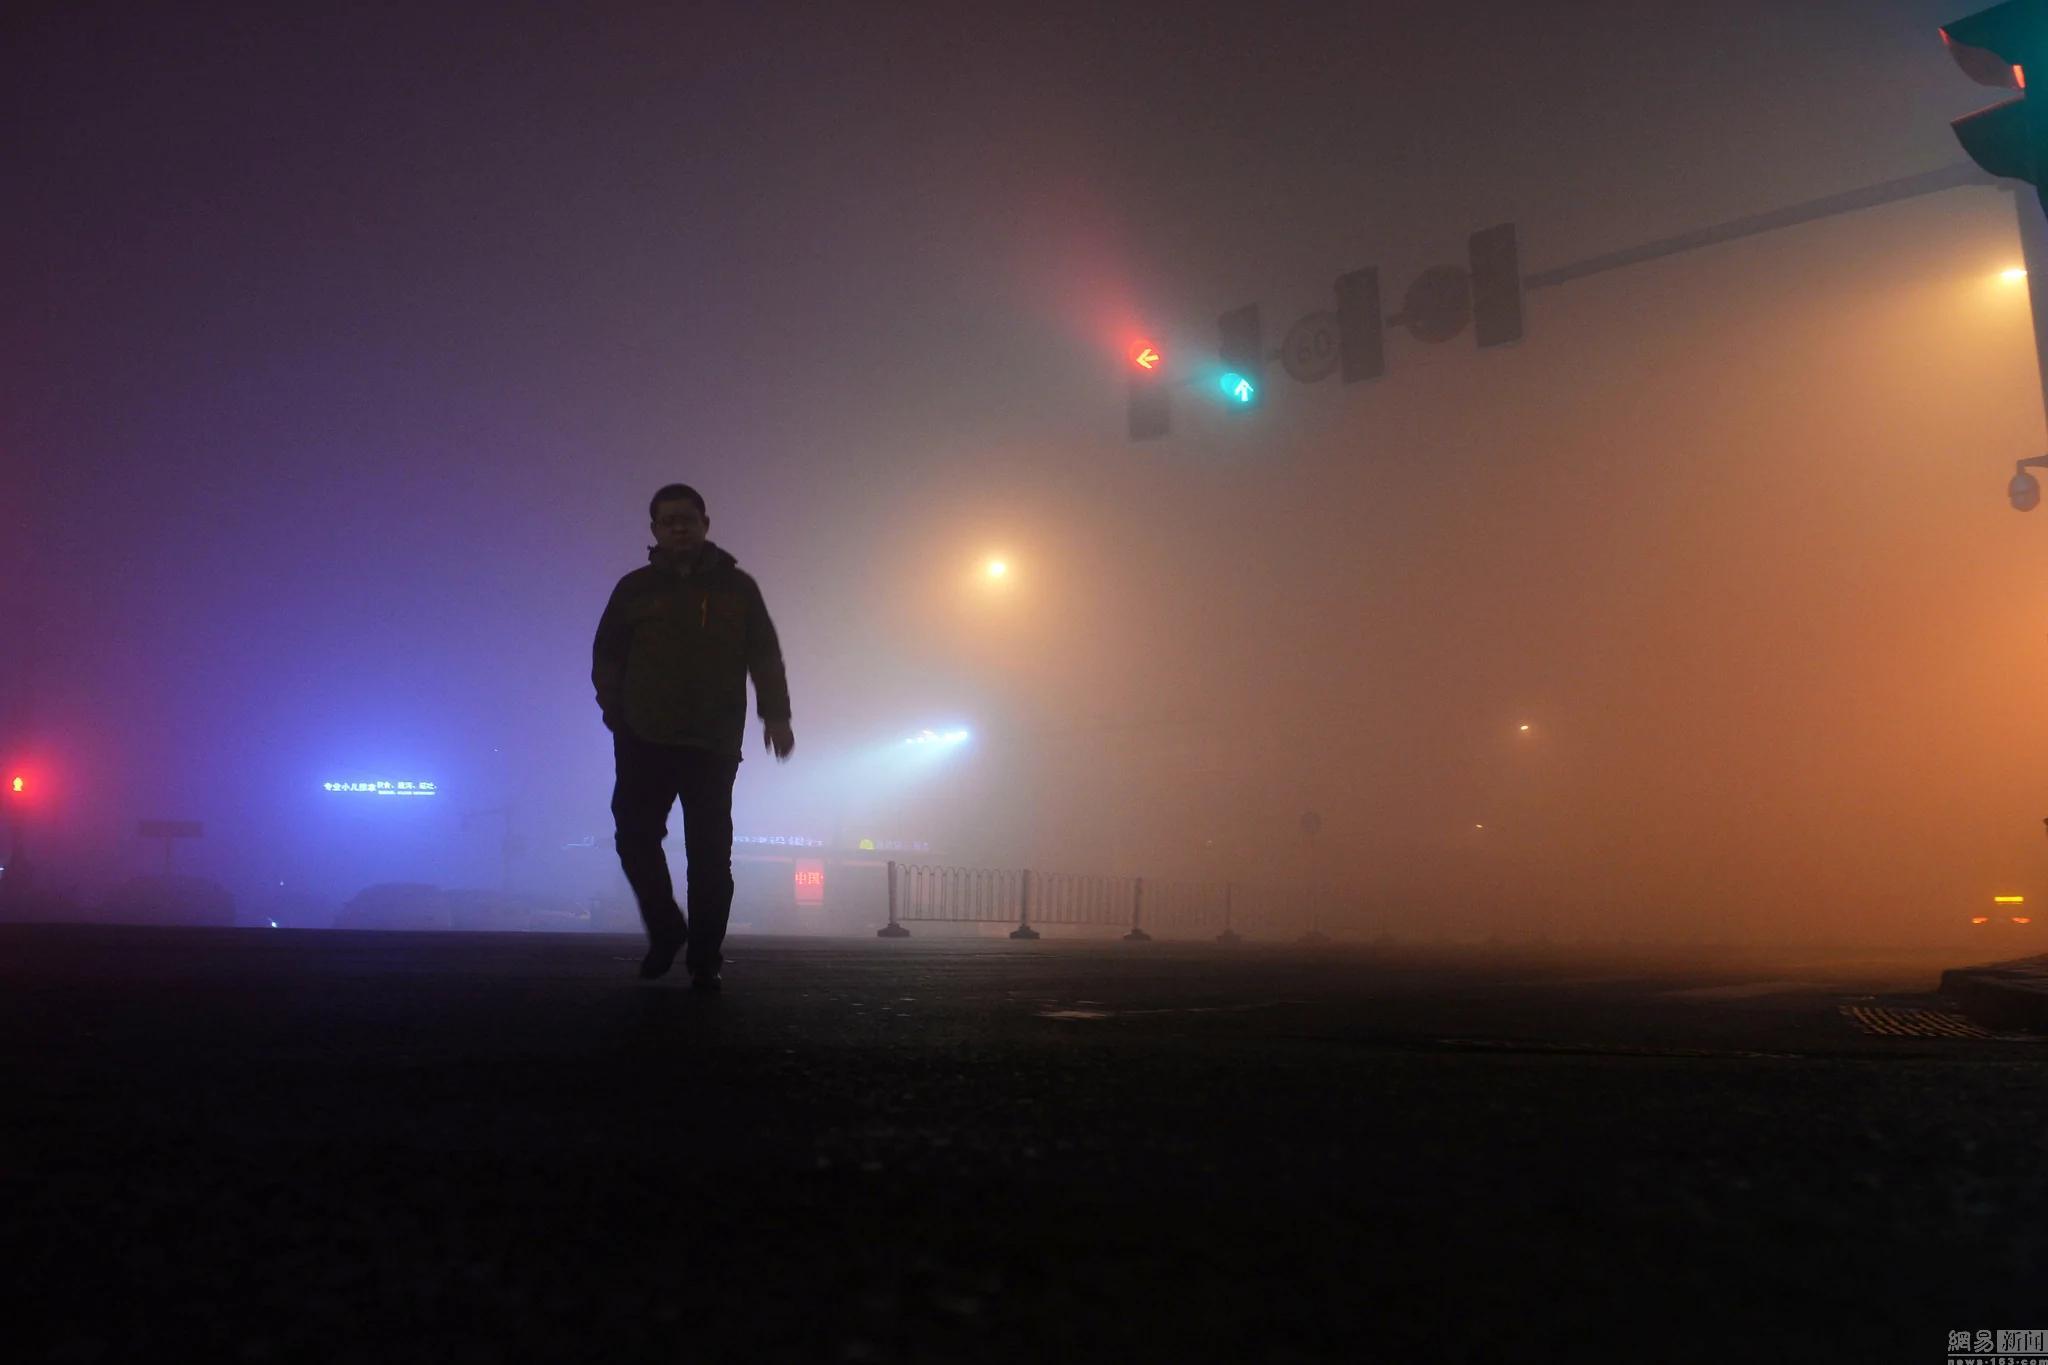 乌鲁木齐PM2.5也爆表了 连信号灯都变得模糊